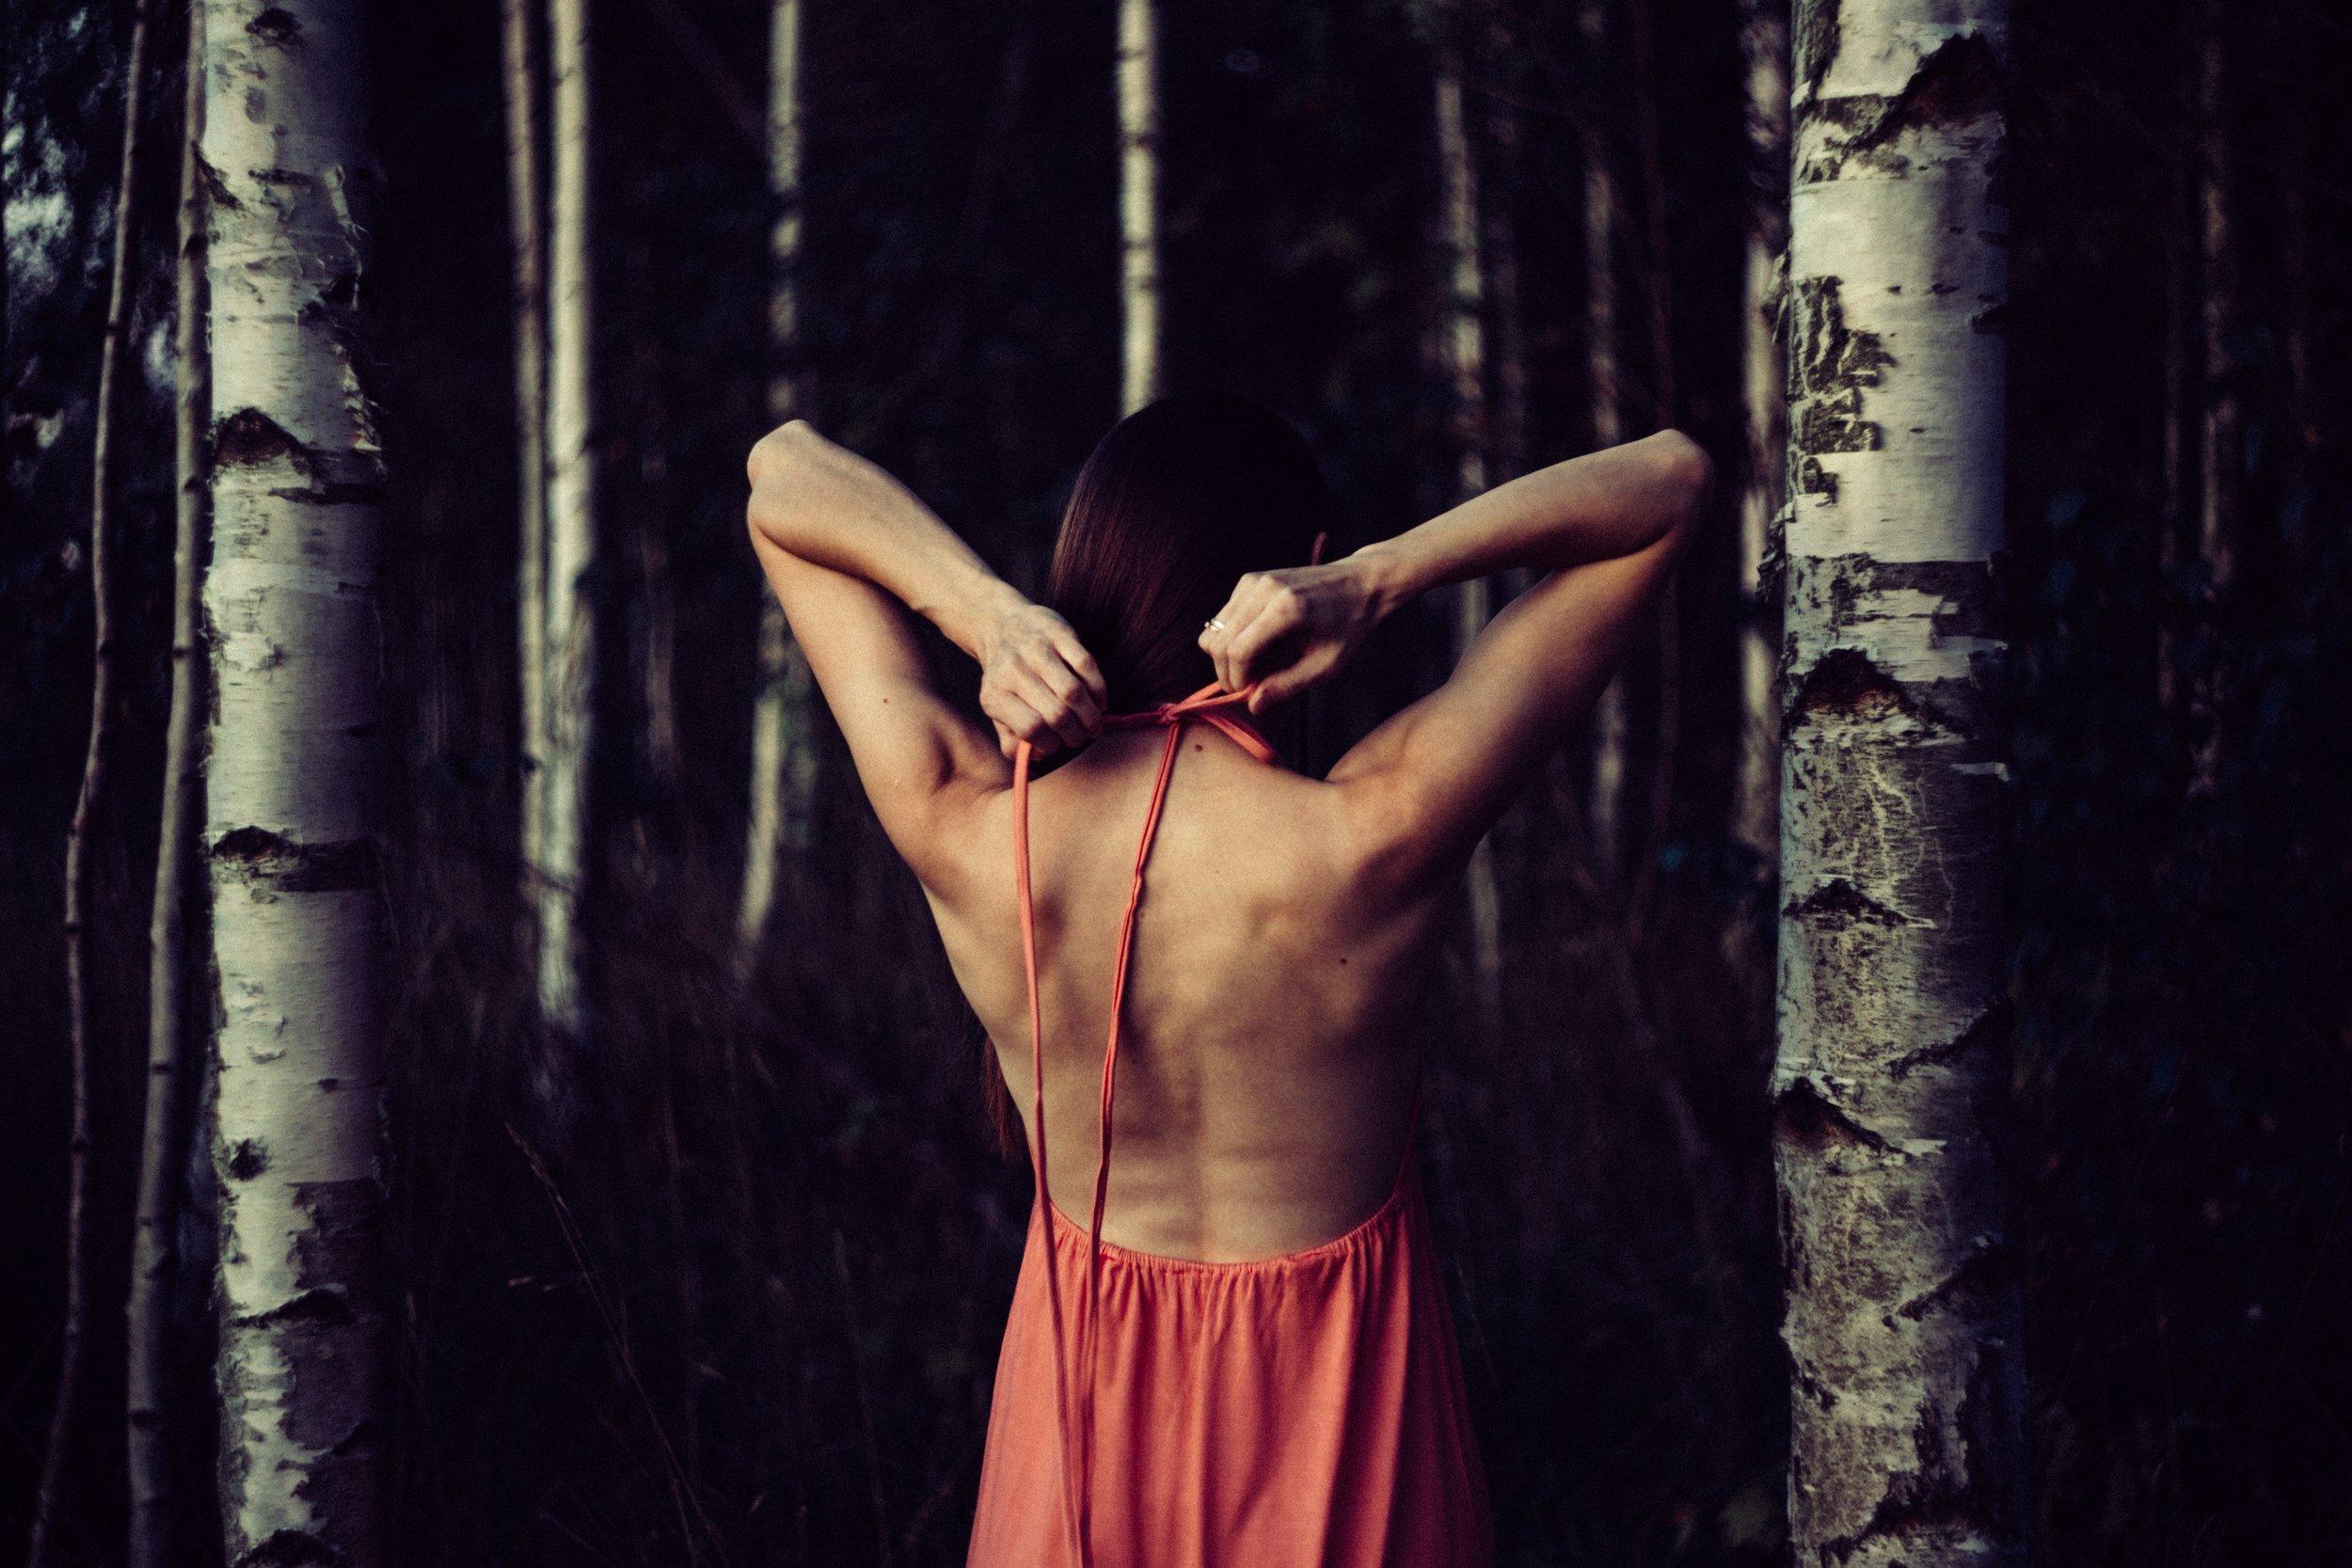 tantrisk-beroring-har-potensial-til-a-lede-oss-inn-i-en-tilstand-av-meditasjon.jpg